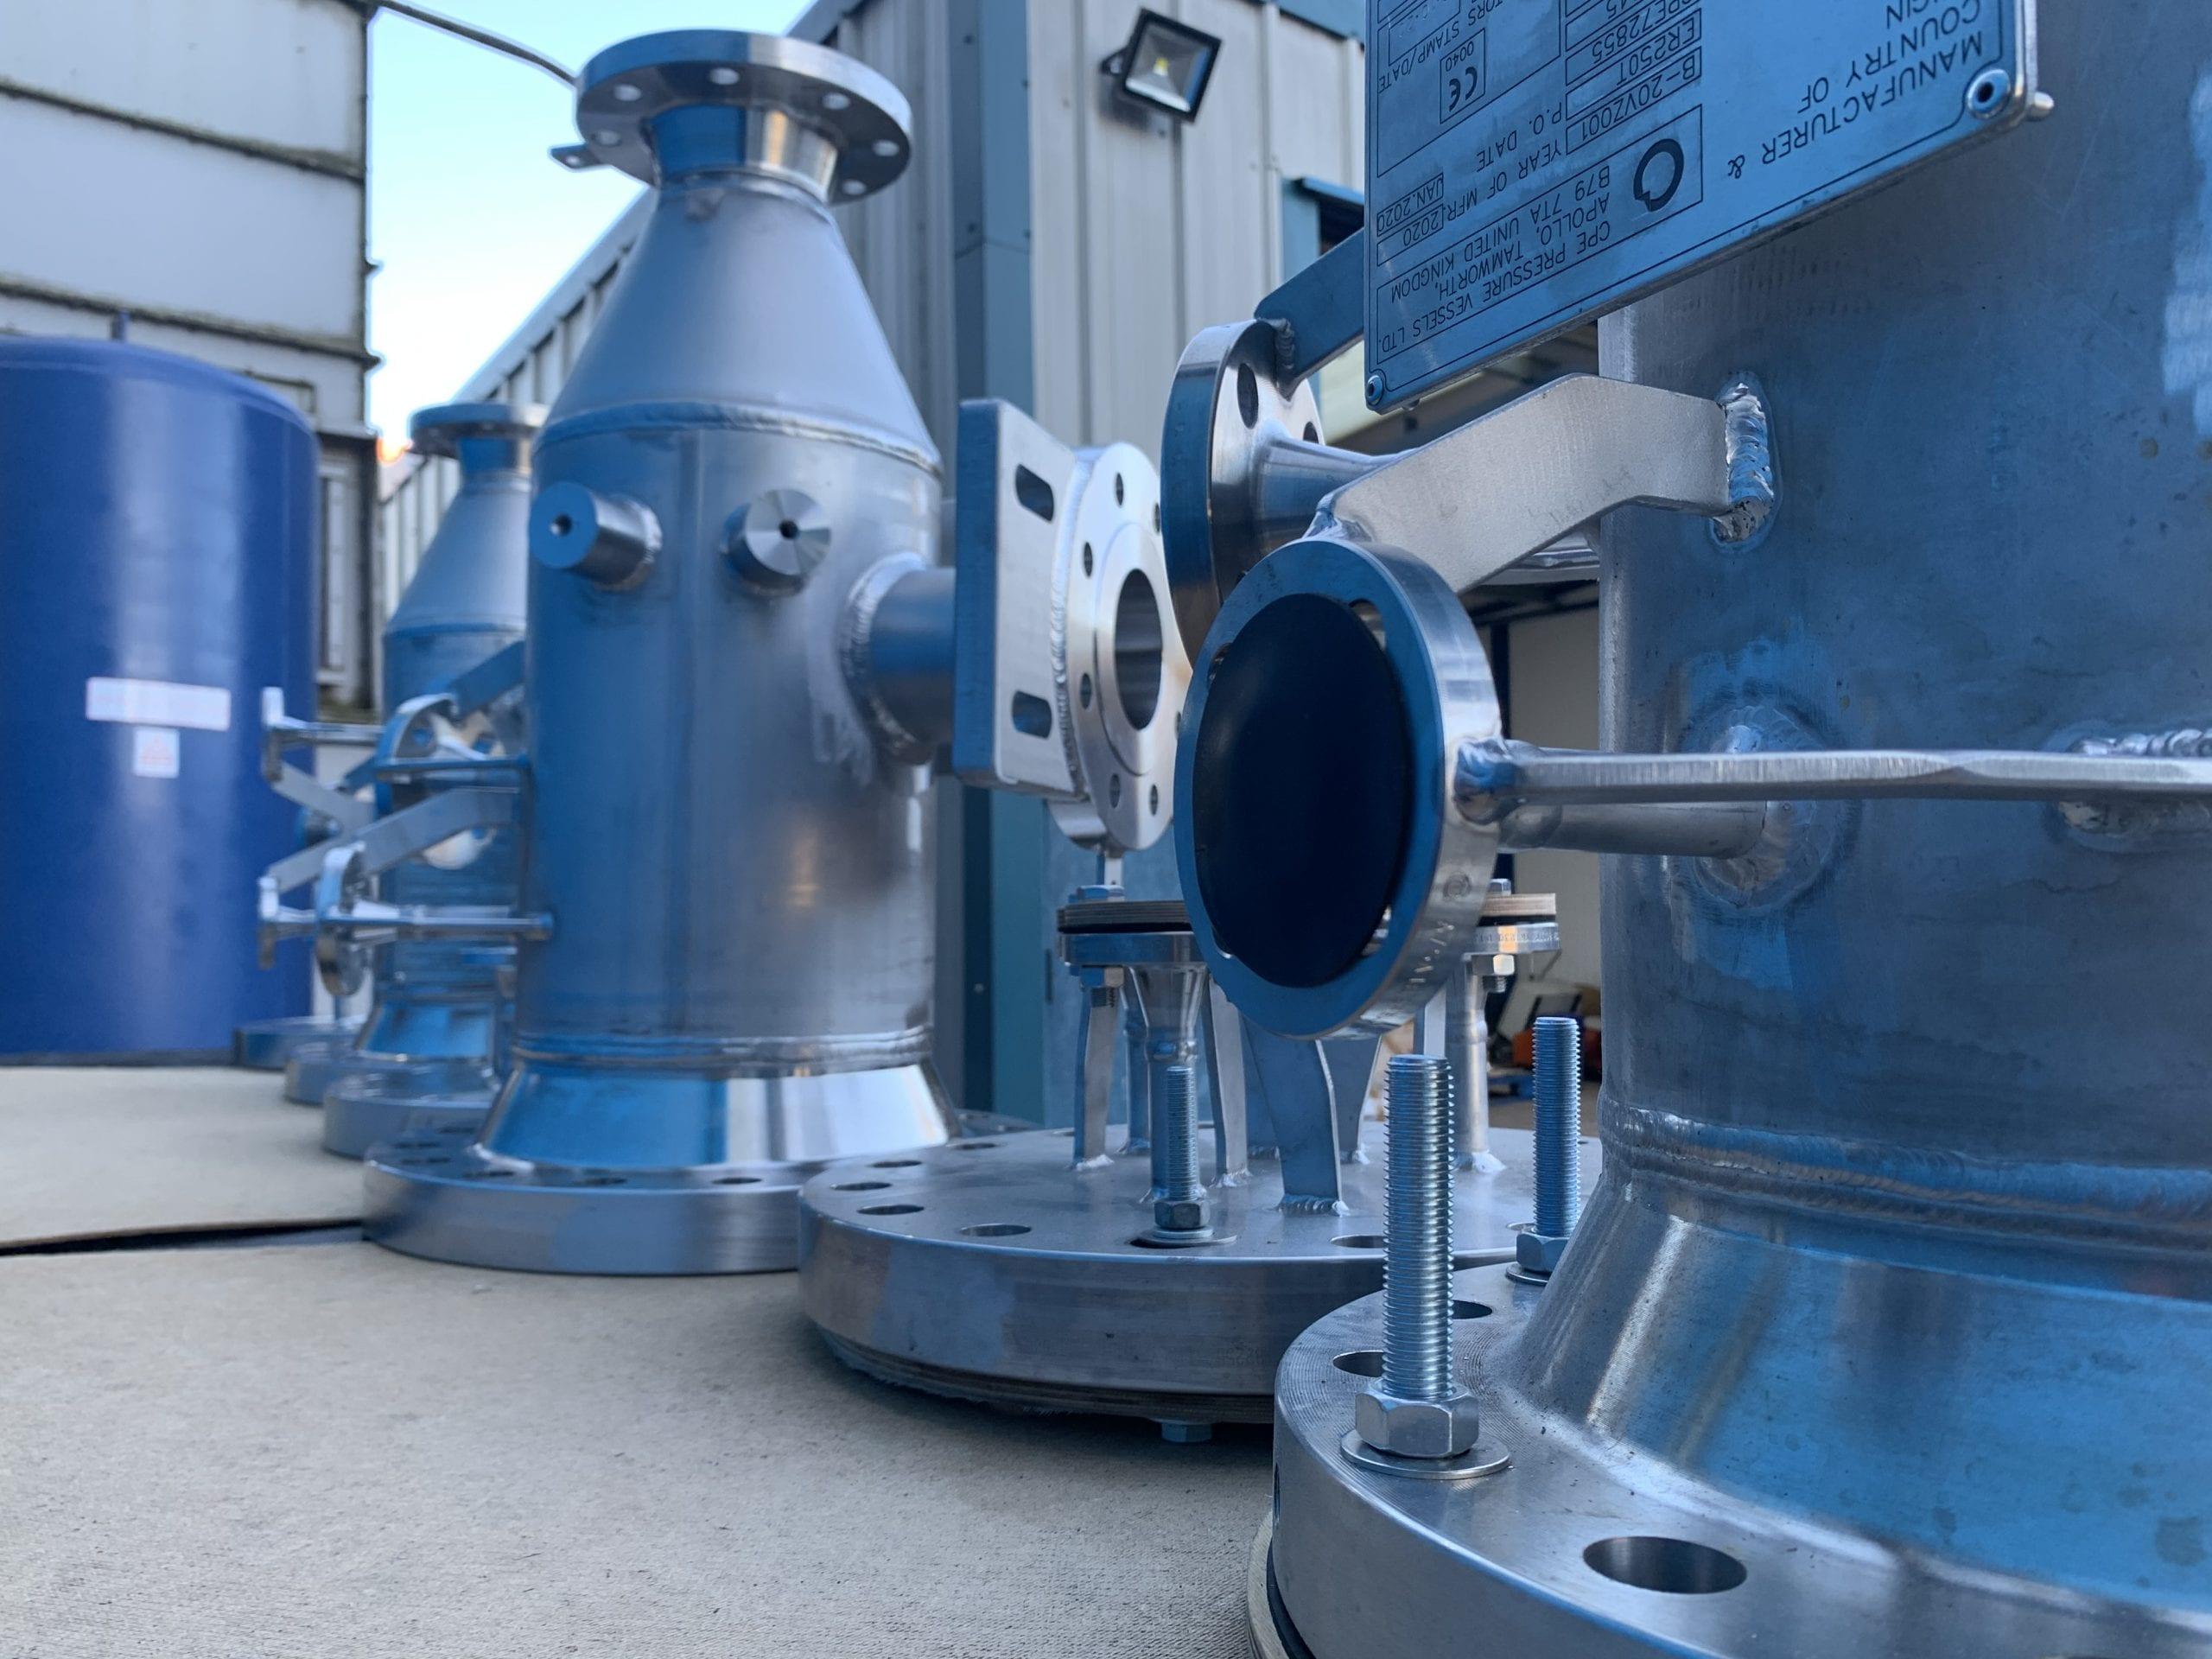 en13445-filter-vessels-duplex-